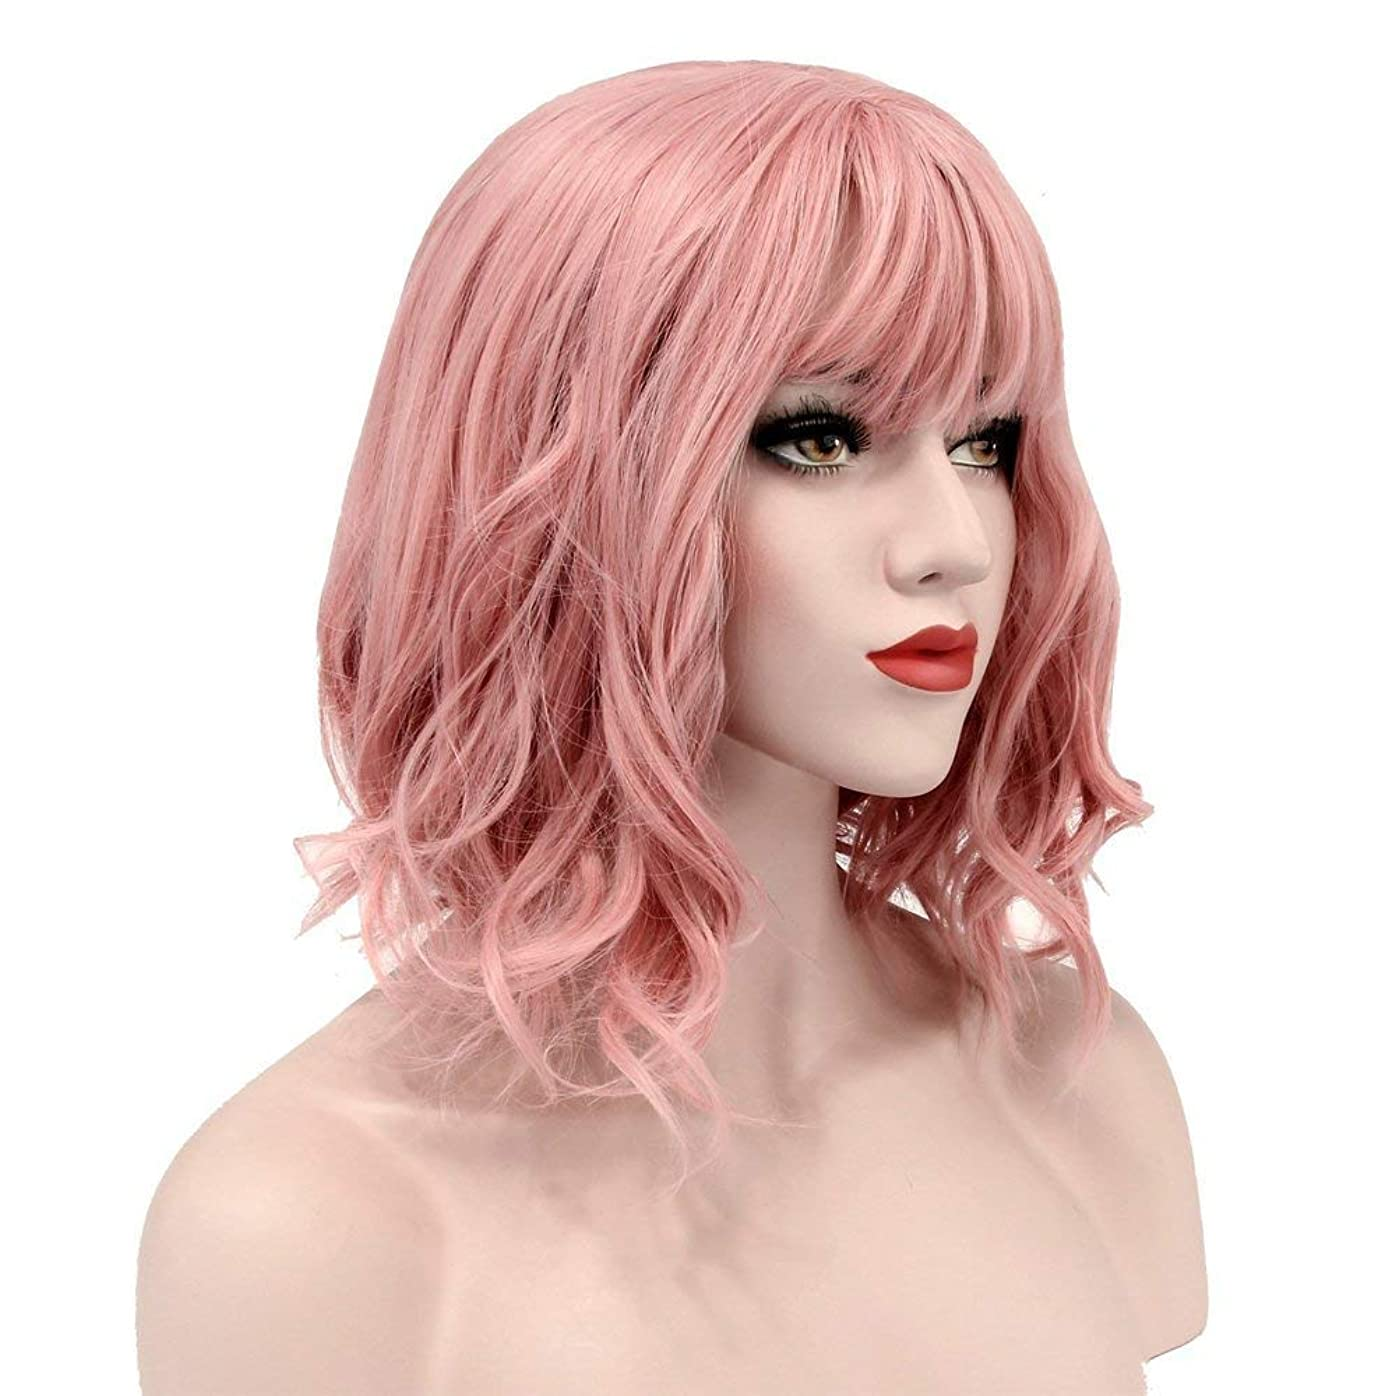 とげのあるとげのあるためらう女性のための耐熱性高密度のコスプレ自然な髪型のためのかつらロングウェーブ合成かつら